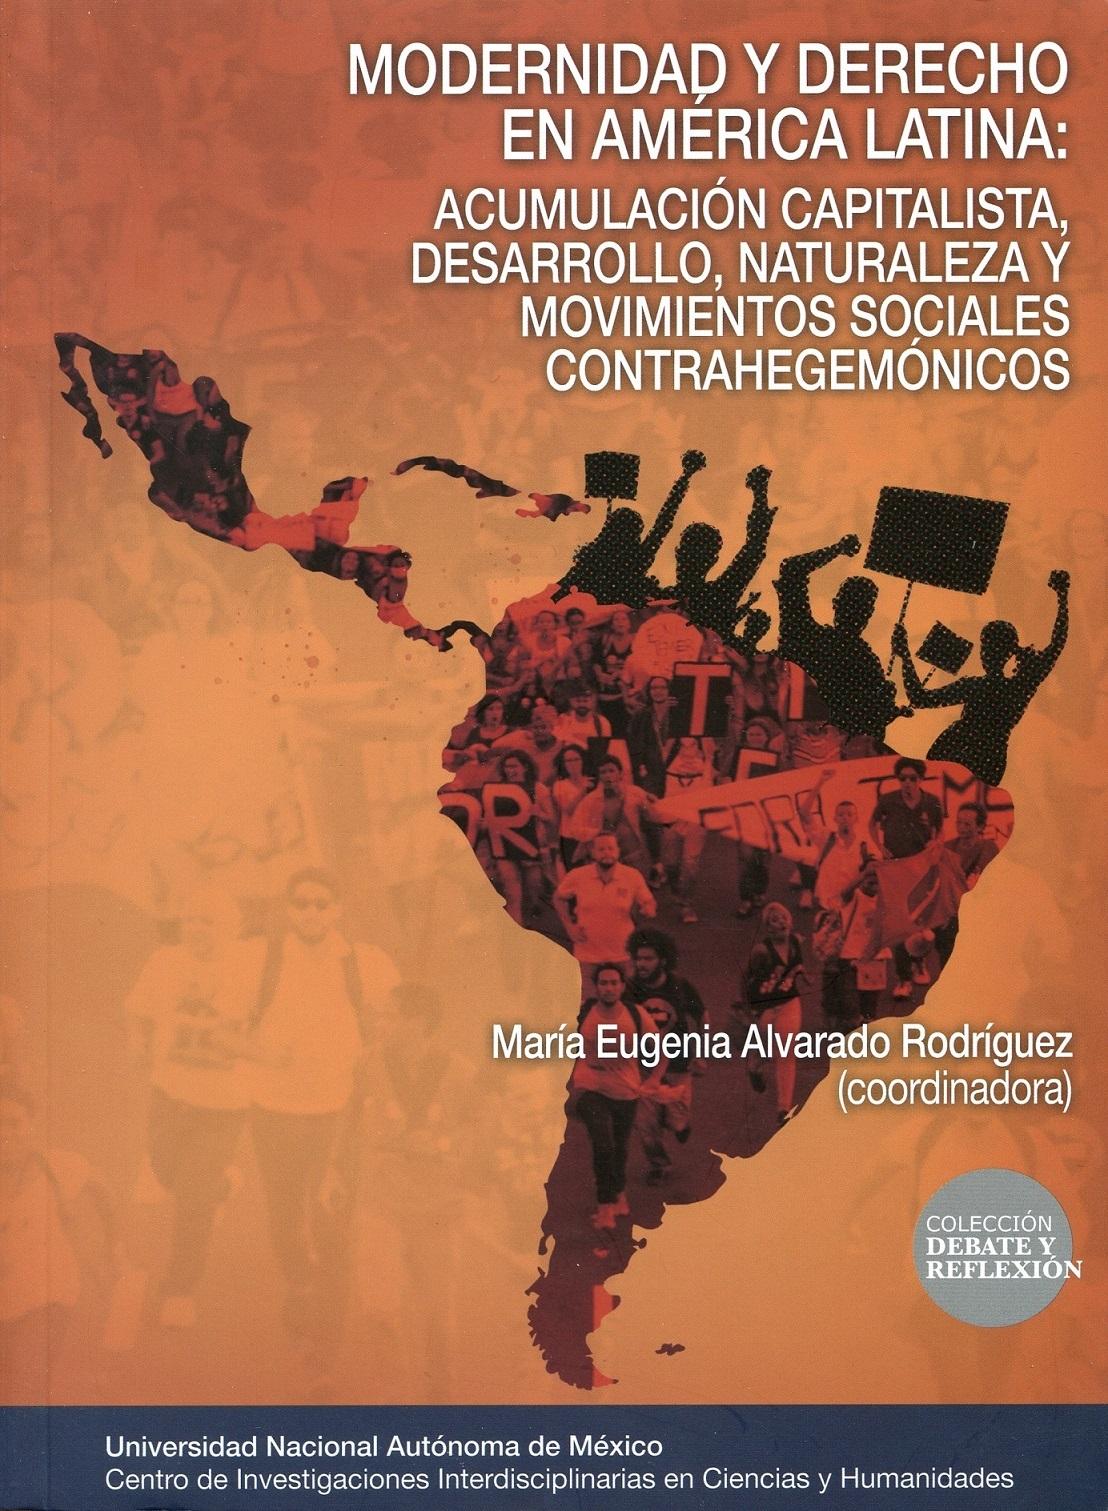 Modernidad y derecho en América Latina: acumulación capitalista, desarrollo, naturaleza y